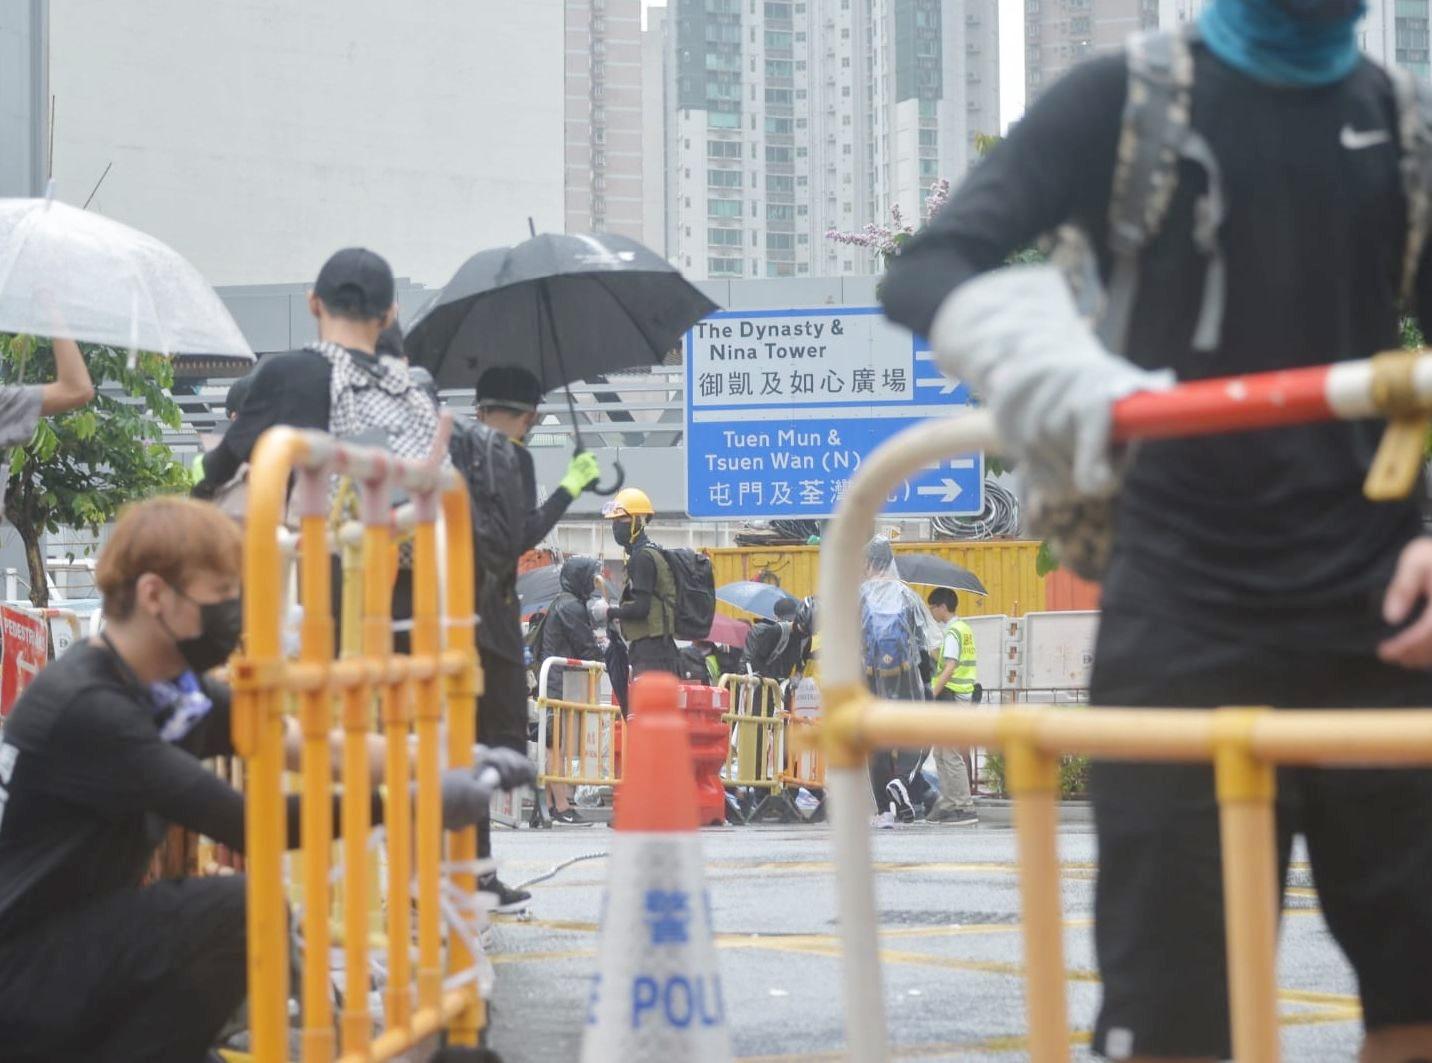 【荃葵青遊行】警方:短時間內清場 促停止所有違法行為